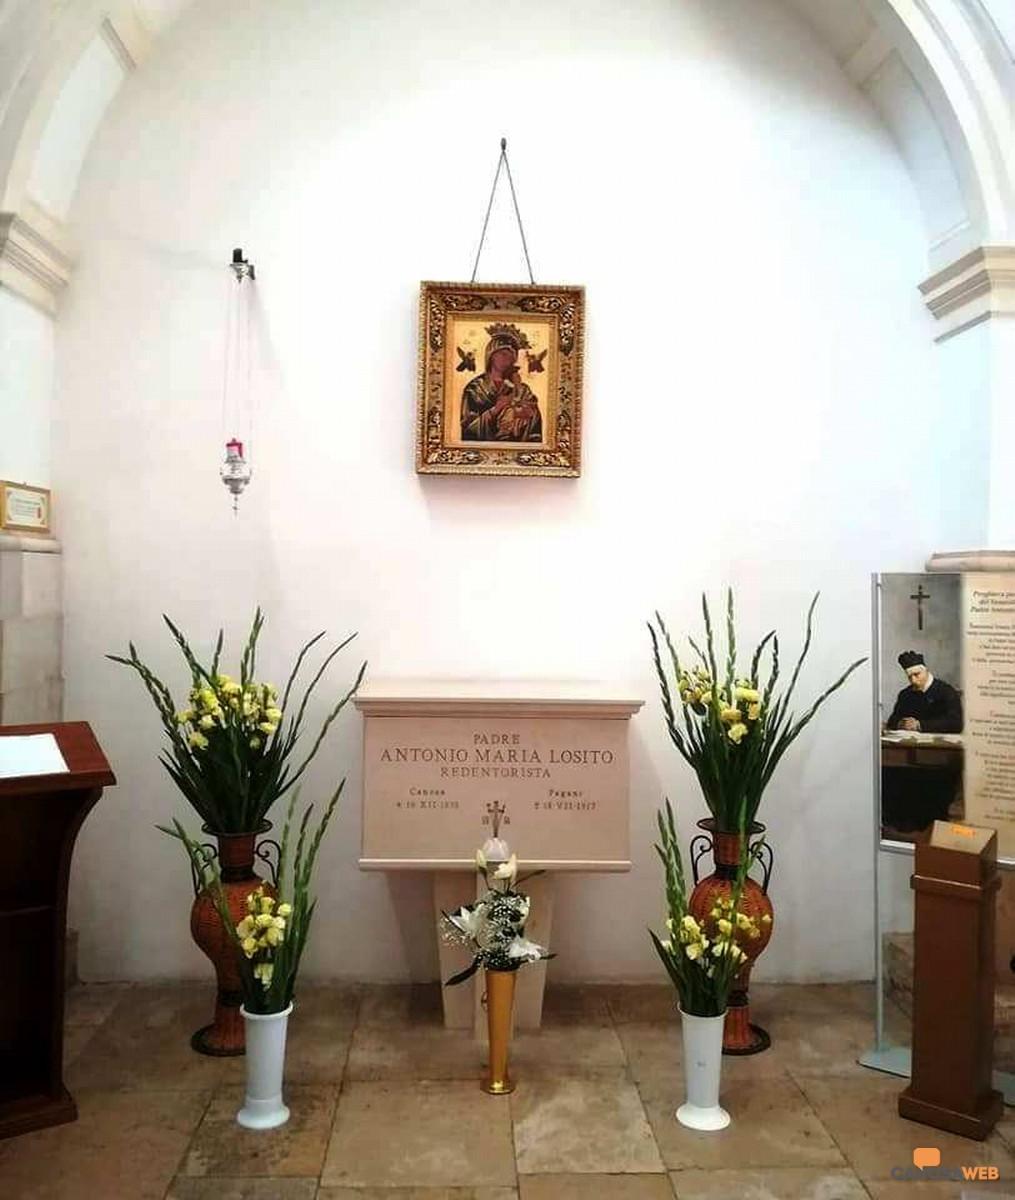 Canosa Cattedrale S.Sabino Tomba del Venerabile Padre Antonio Maria Losito